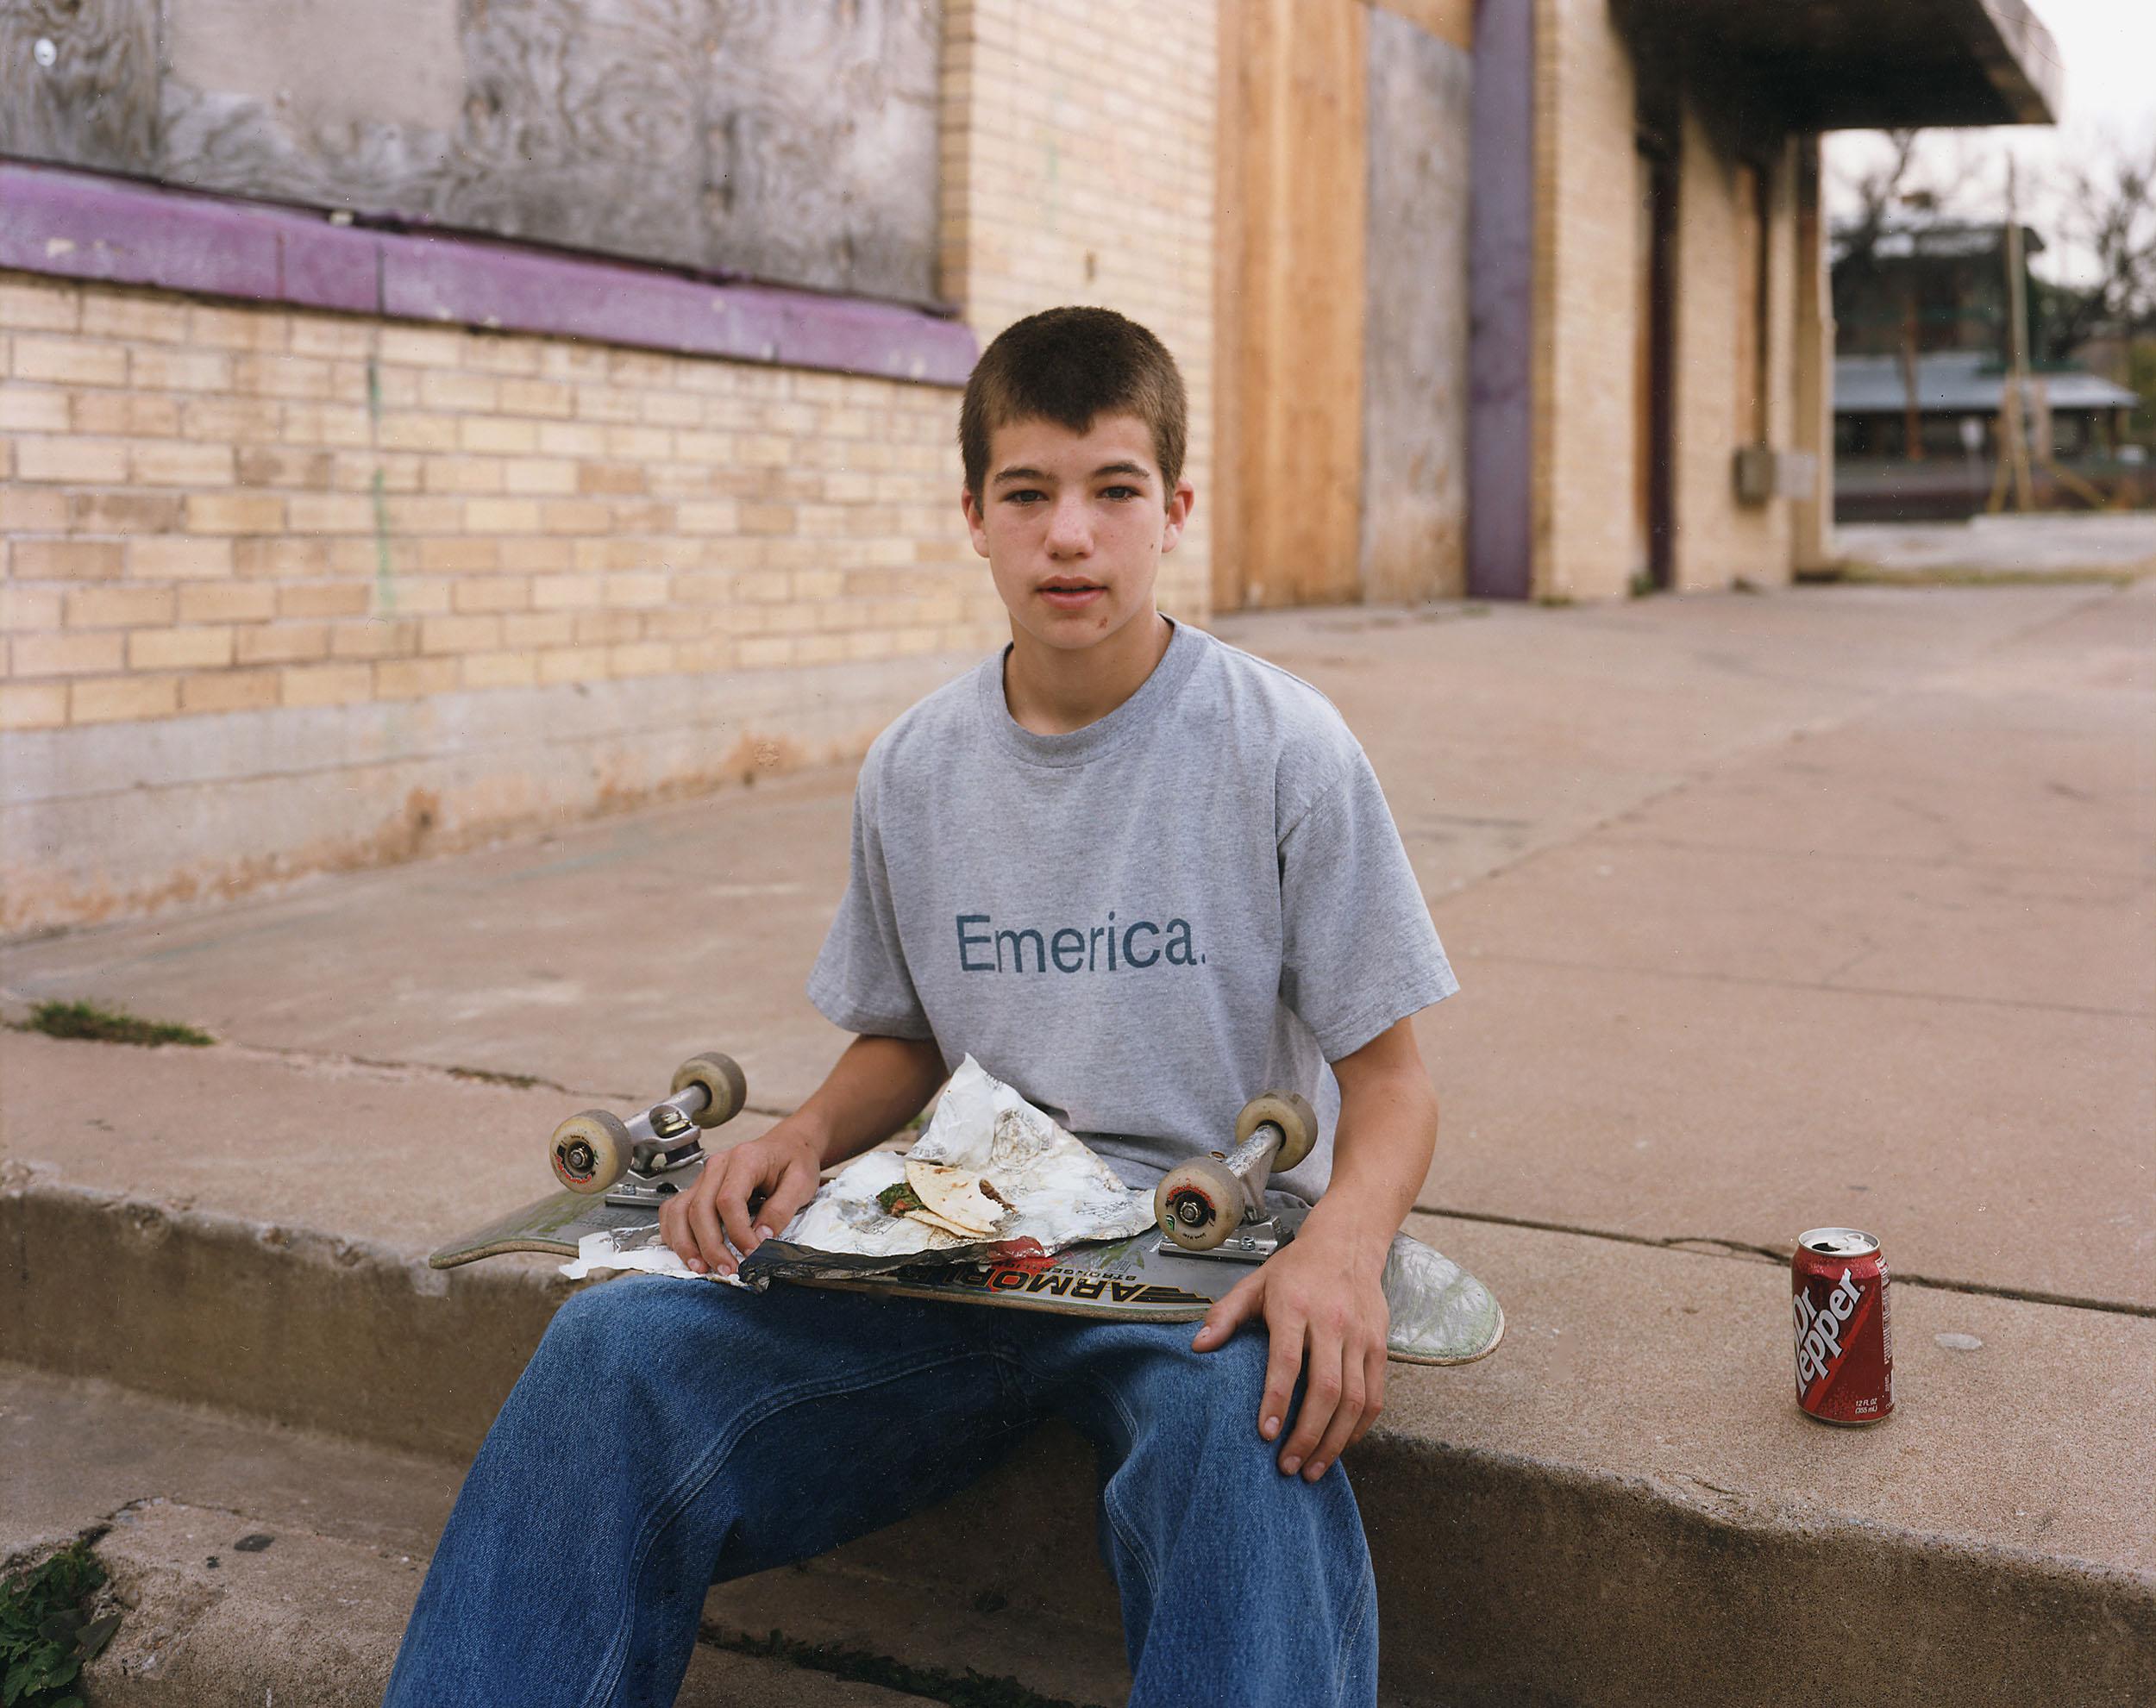 Austin, Texas 1999